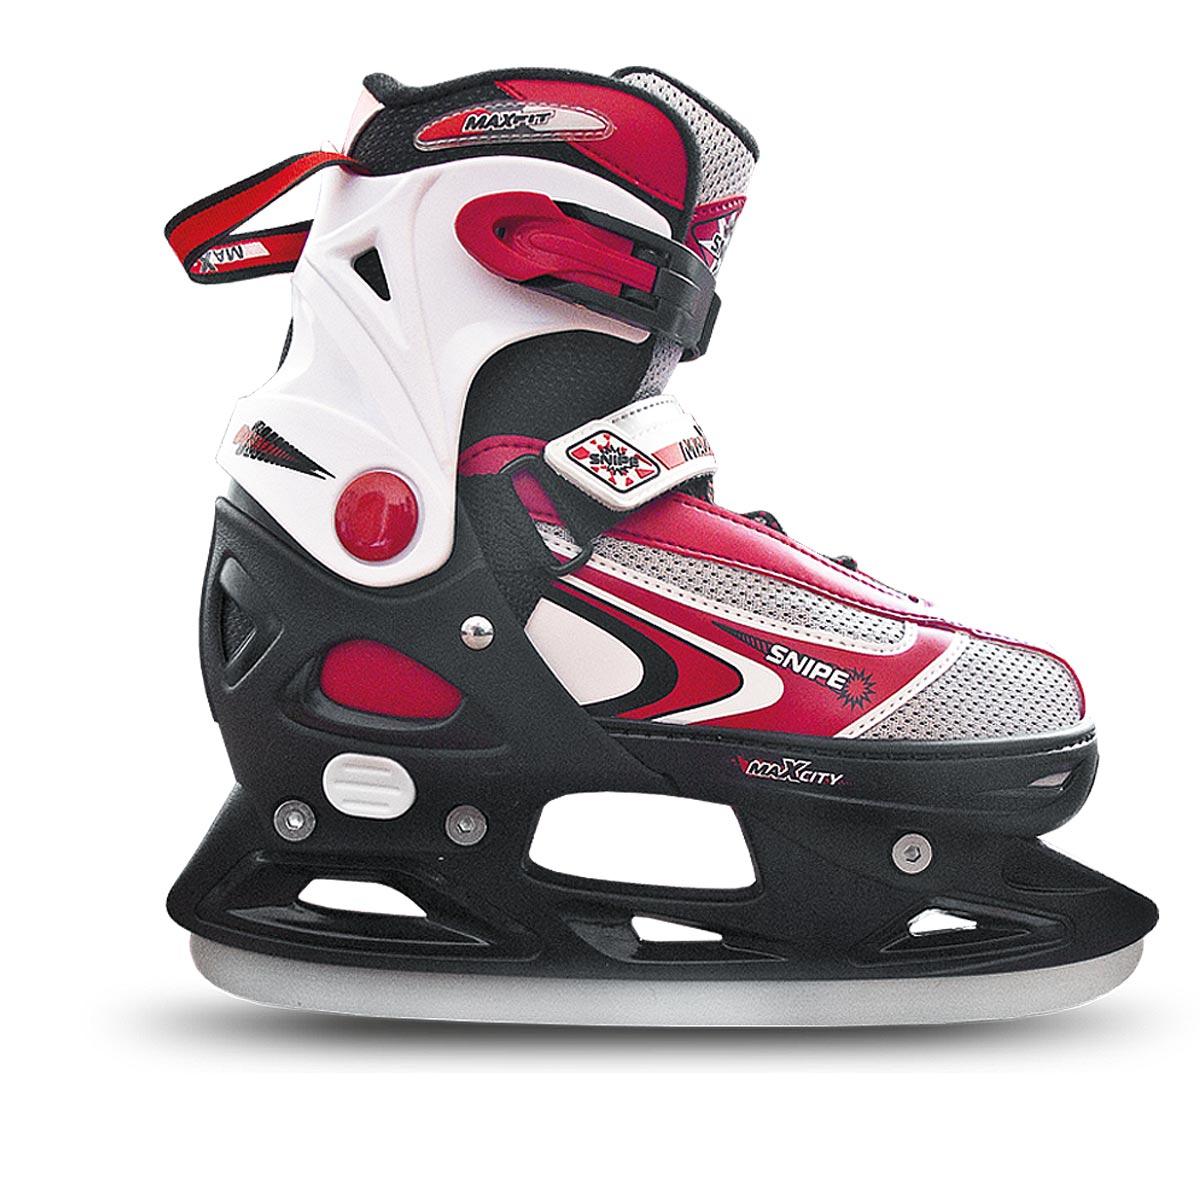 Коньки ледовые для мальчика MaxCity Snipe Boy, раздвижные, цвет: черный, серый, красный. Размер 37/40